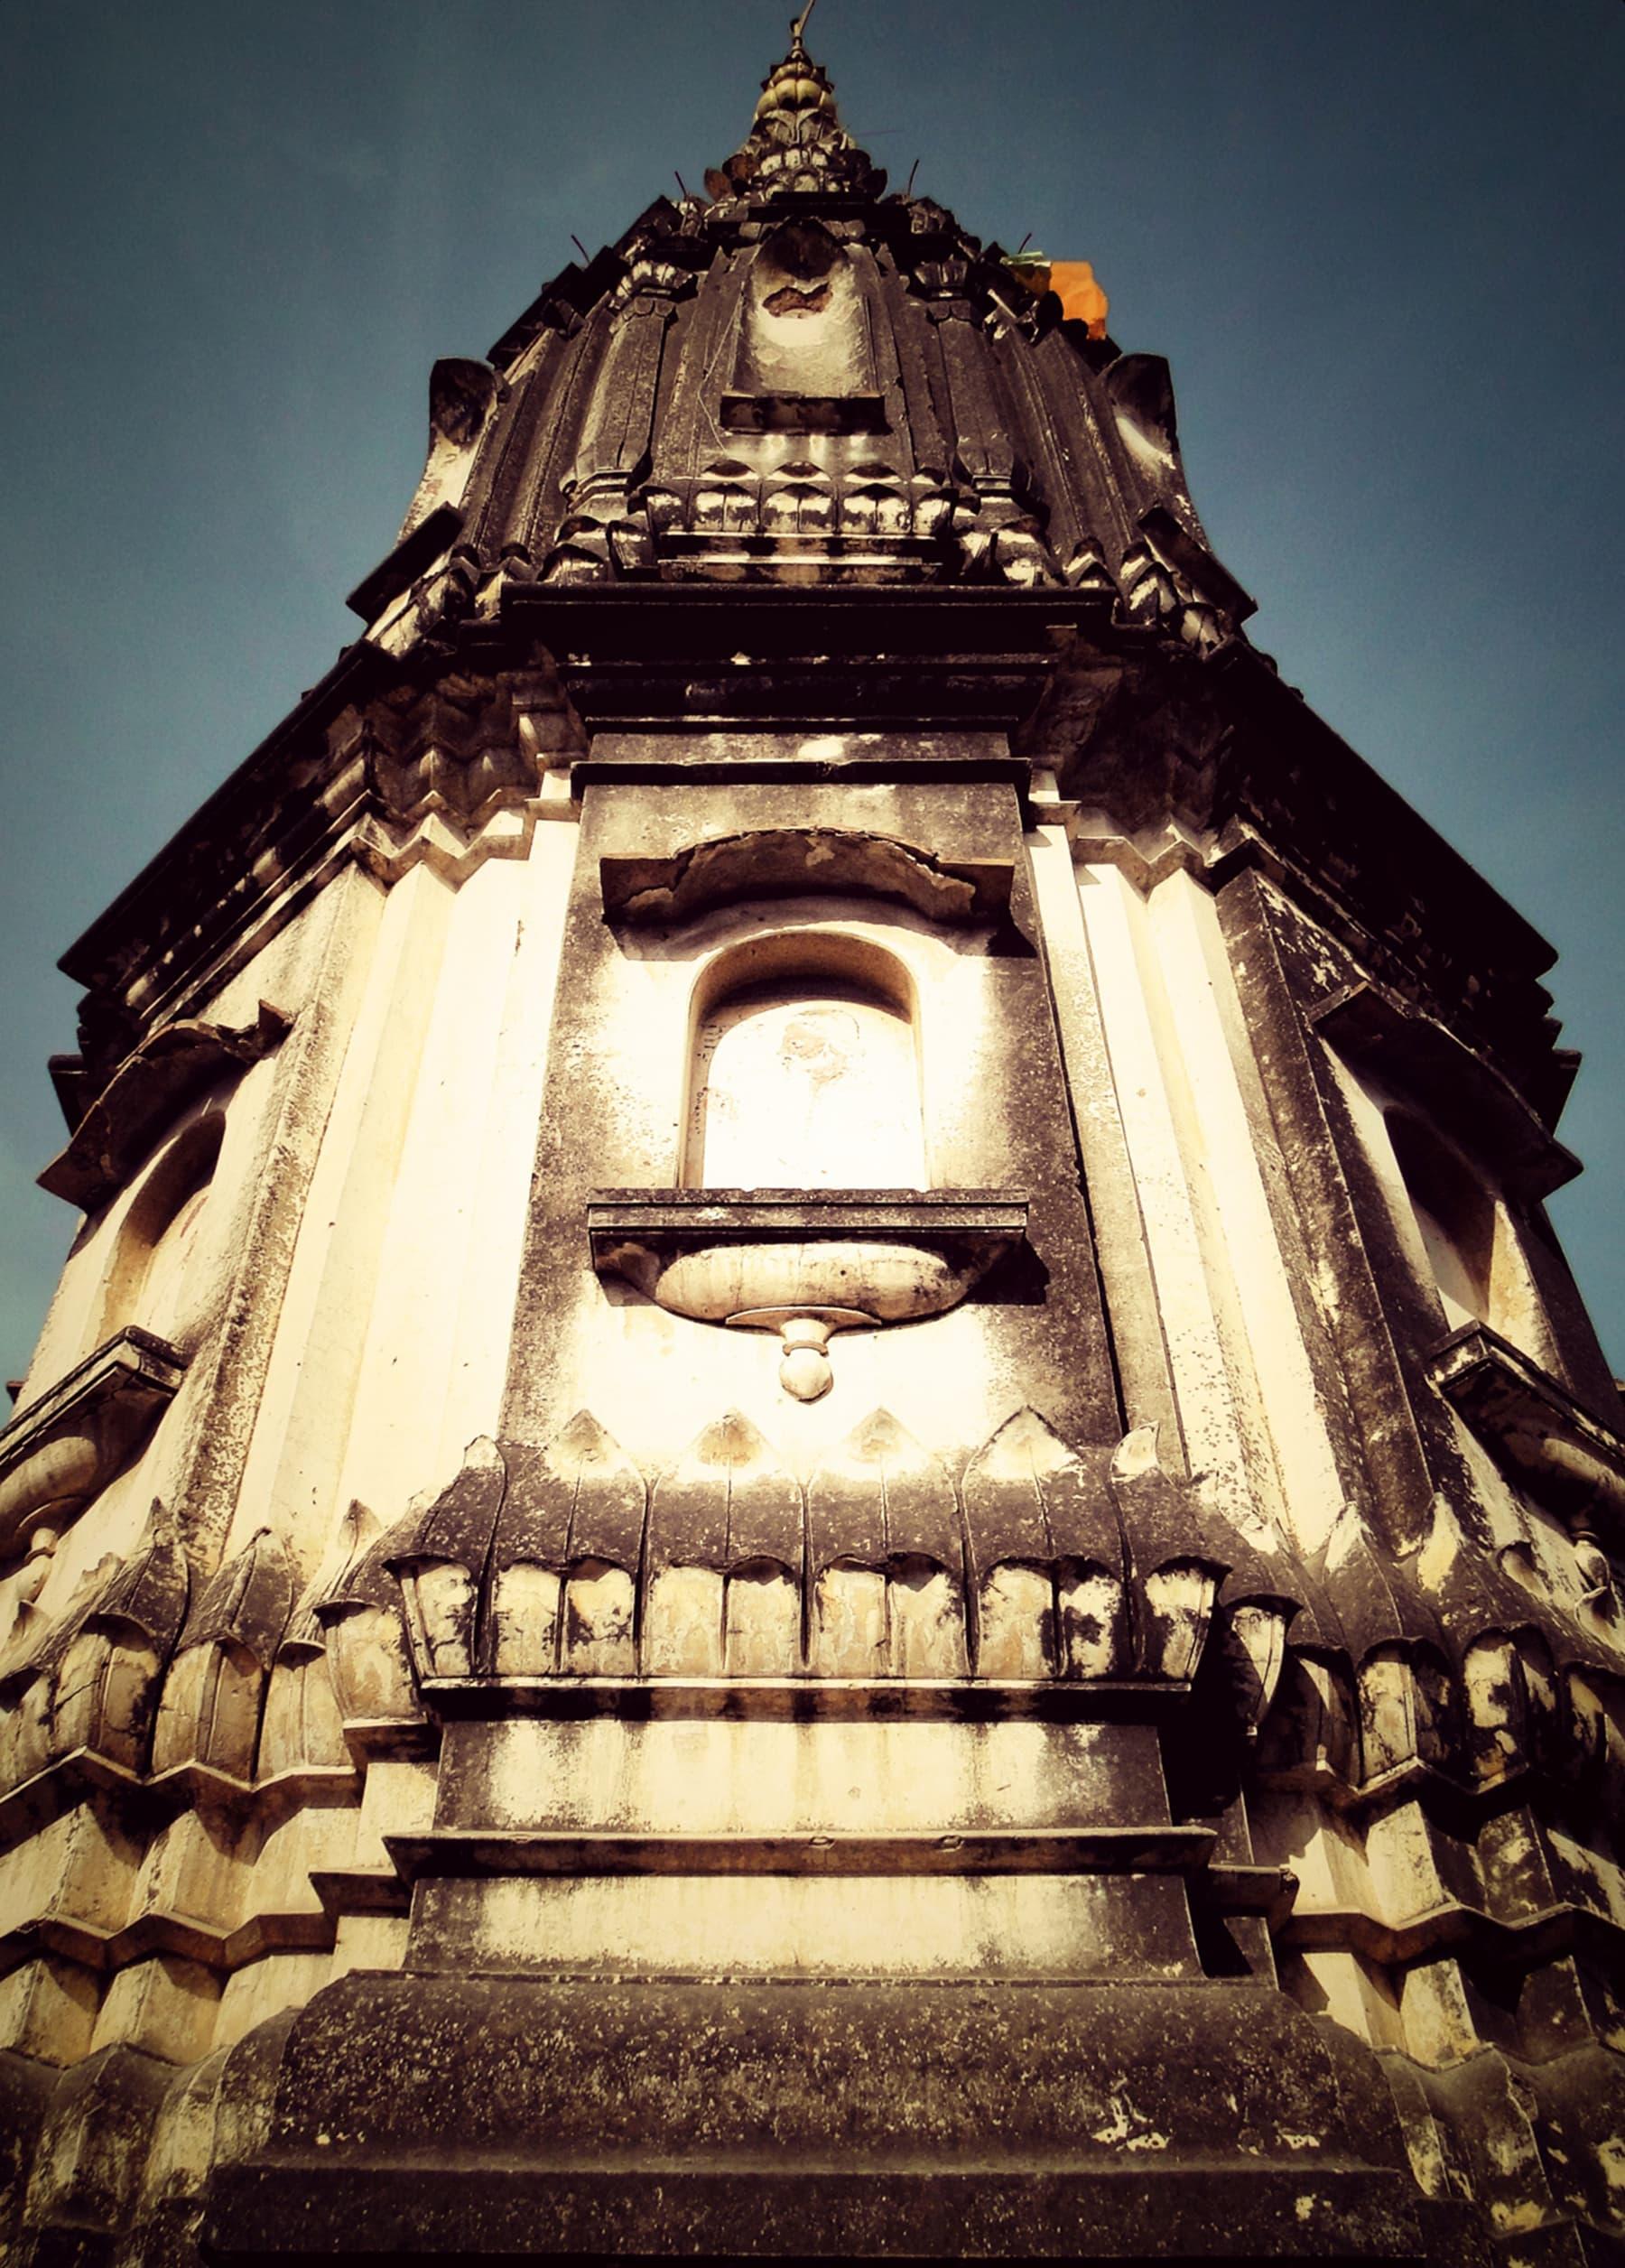 A worm's eye view of a mandir in Old Rawalpindi. —Sultan Ali